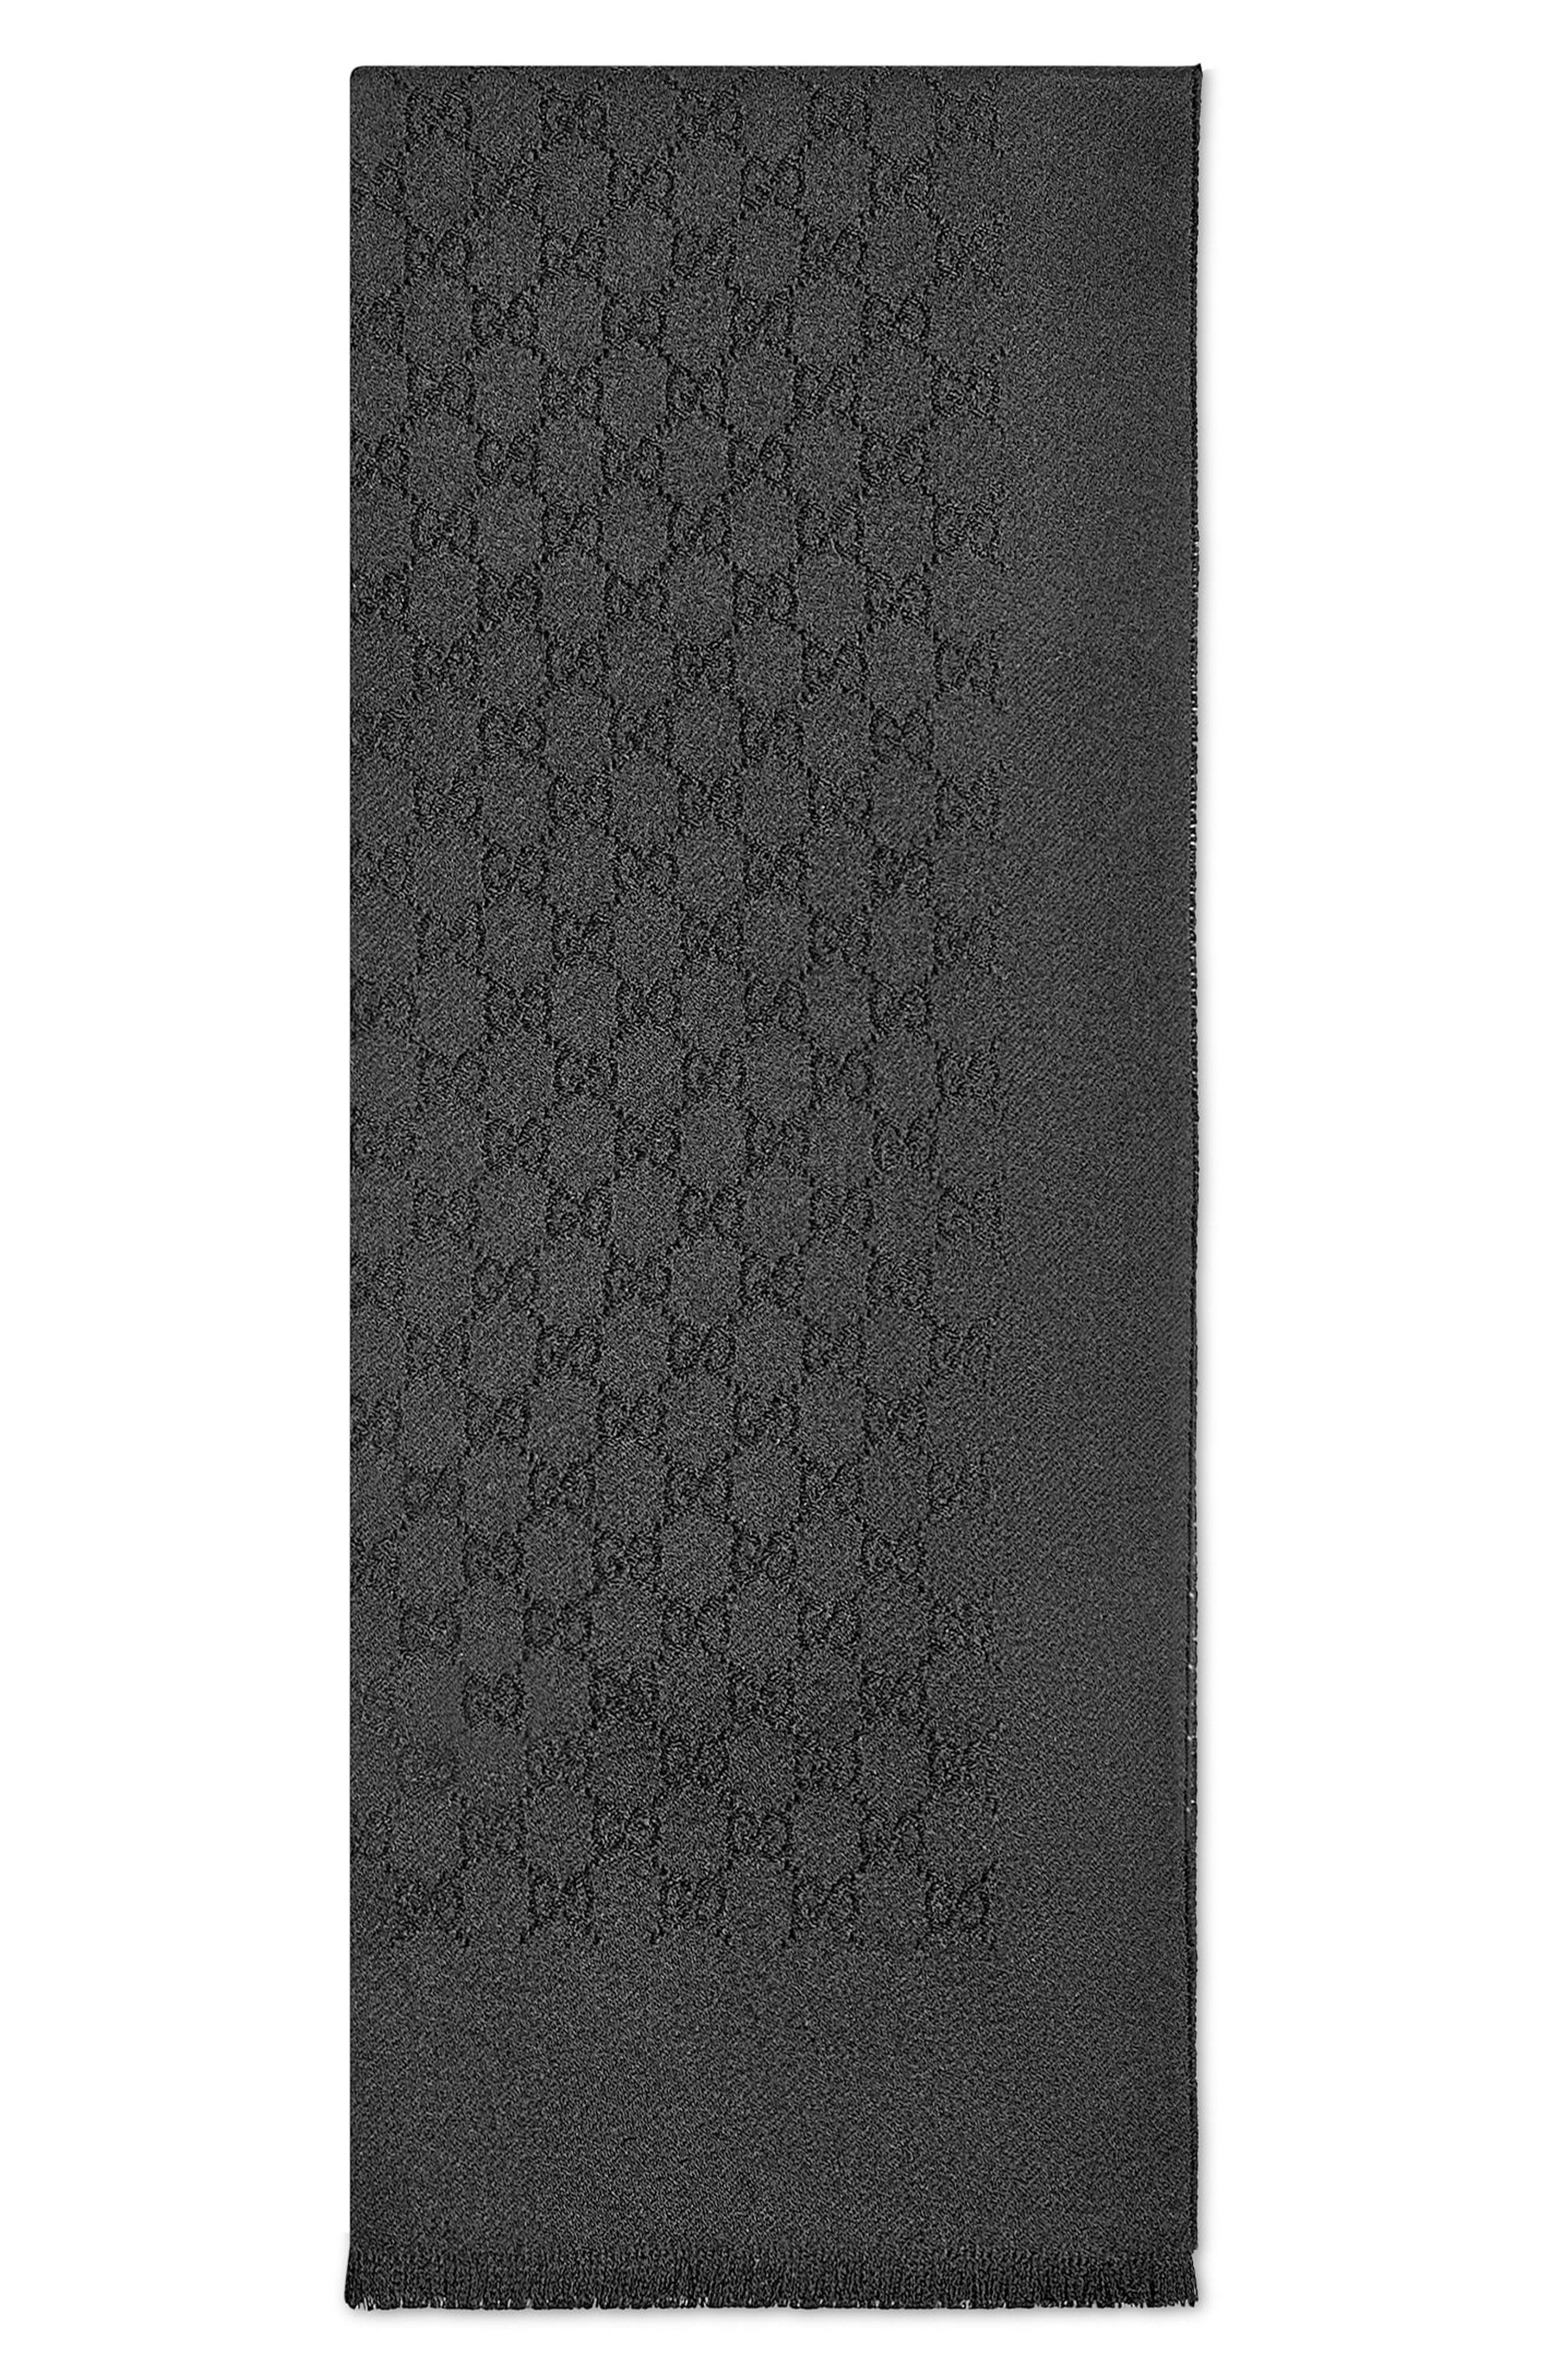 GG Gem Lux Jacquard Cashmere Scarf,                             Main thumbnail 1, color,                             1000 BLACK